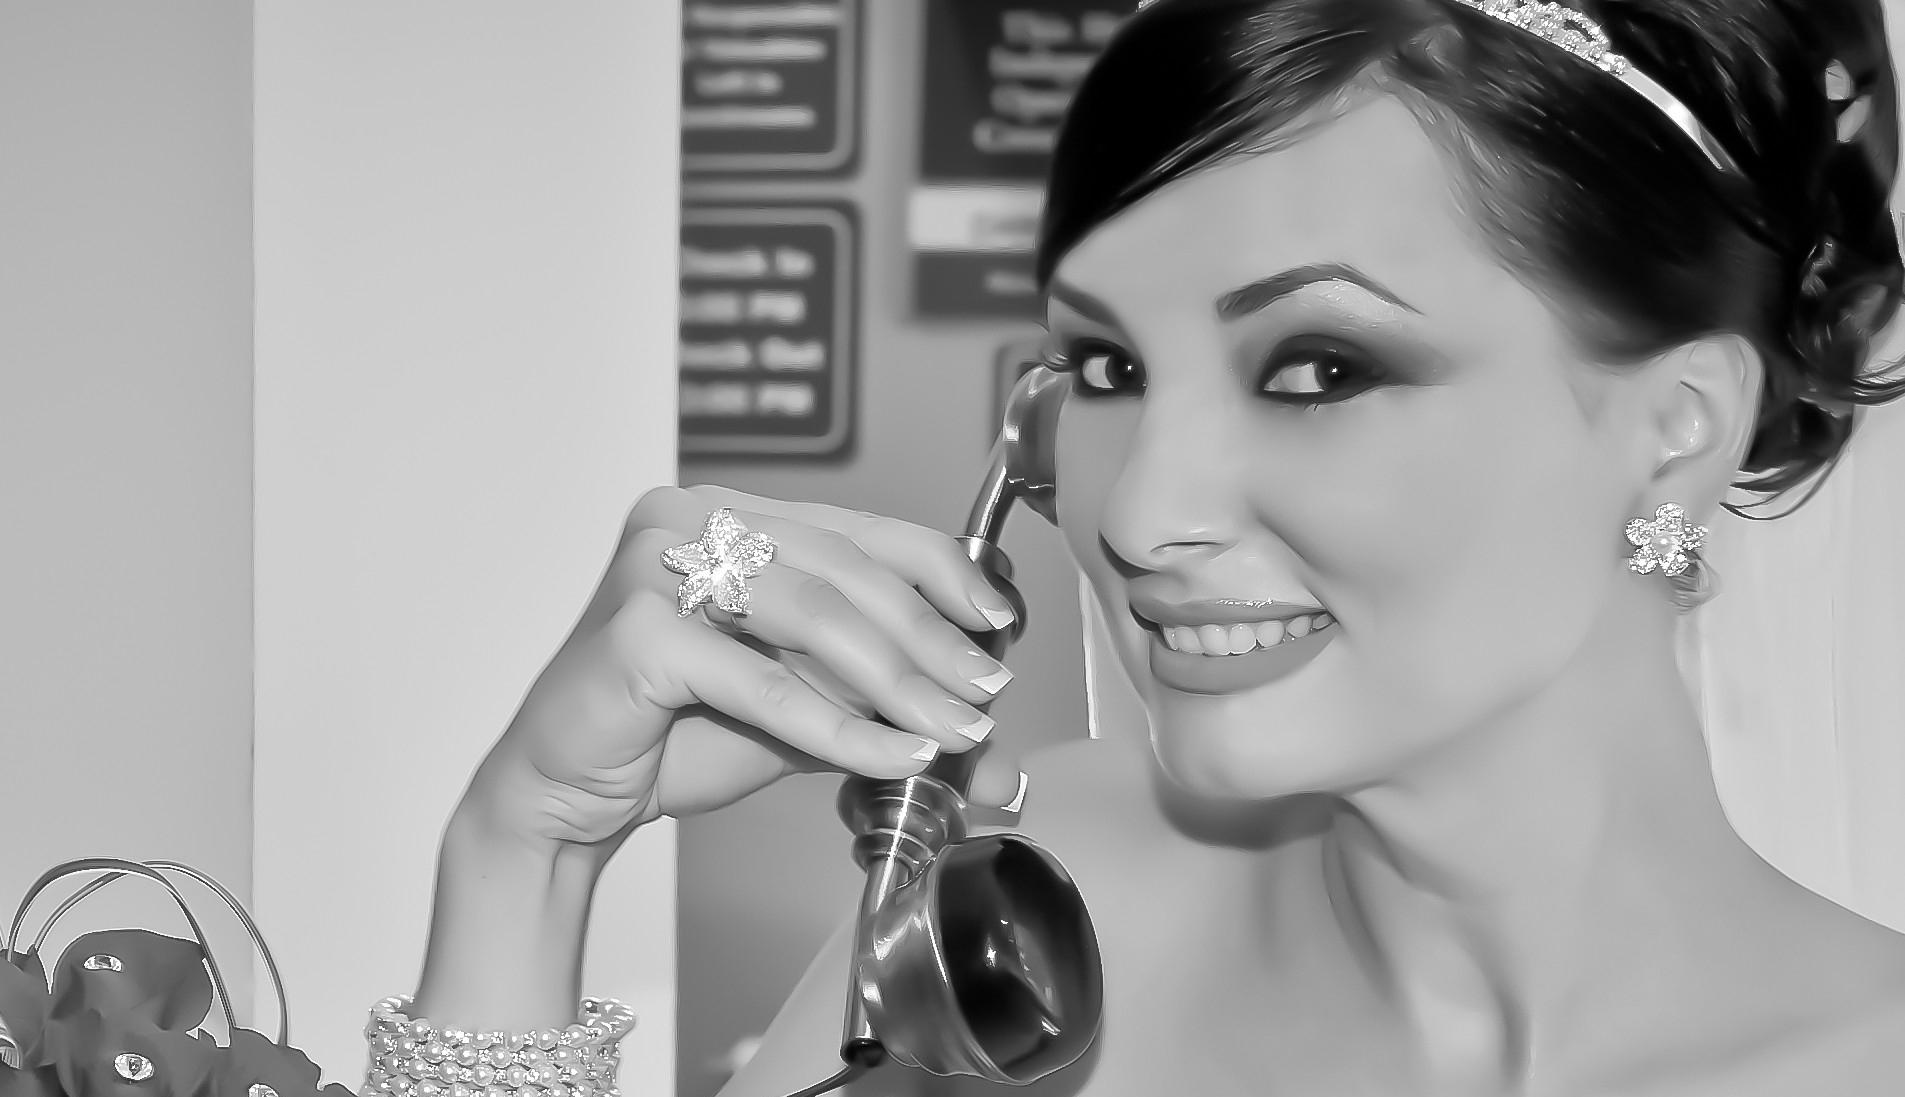 prezzi offerte musica animazione gruppo intrattenimento matrimoni catania sicilia